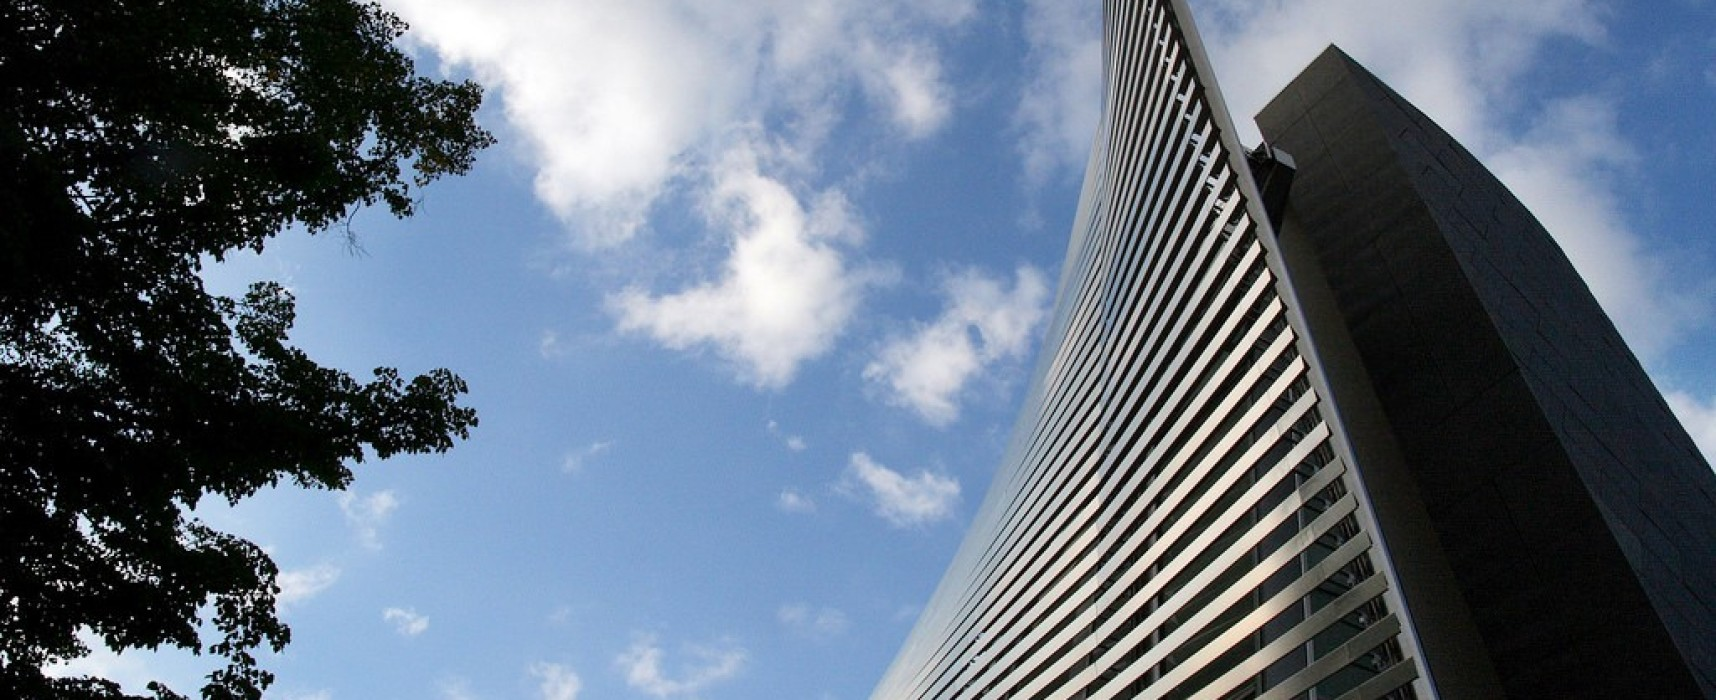 Tribunale Arezzo: Bando per tirocini formativi teorico/pratici presso gli uffici giudiziari